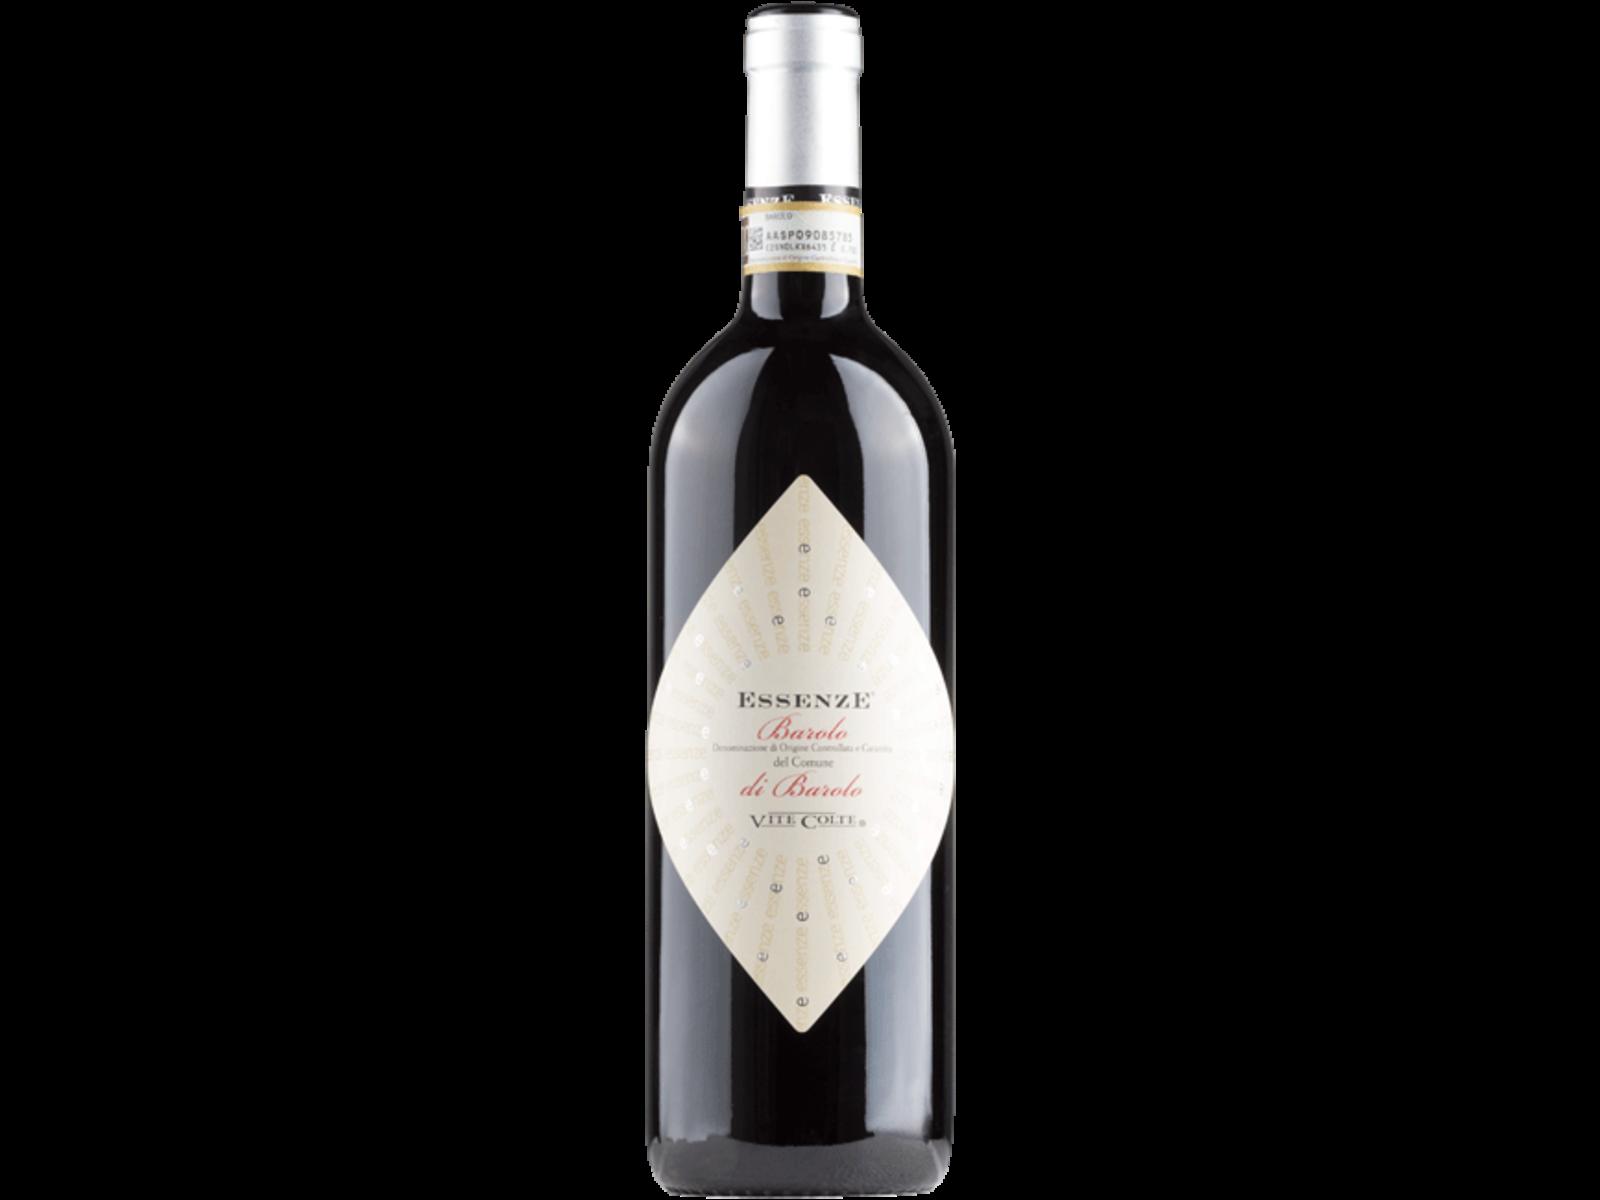 Terre da Vino Terredavino / Vite Colte / Essenze Barolo